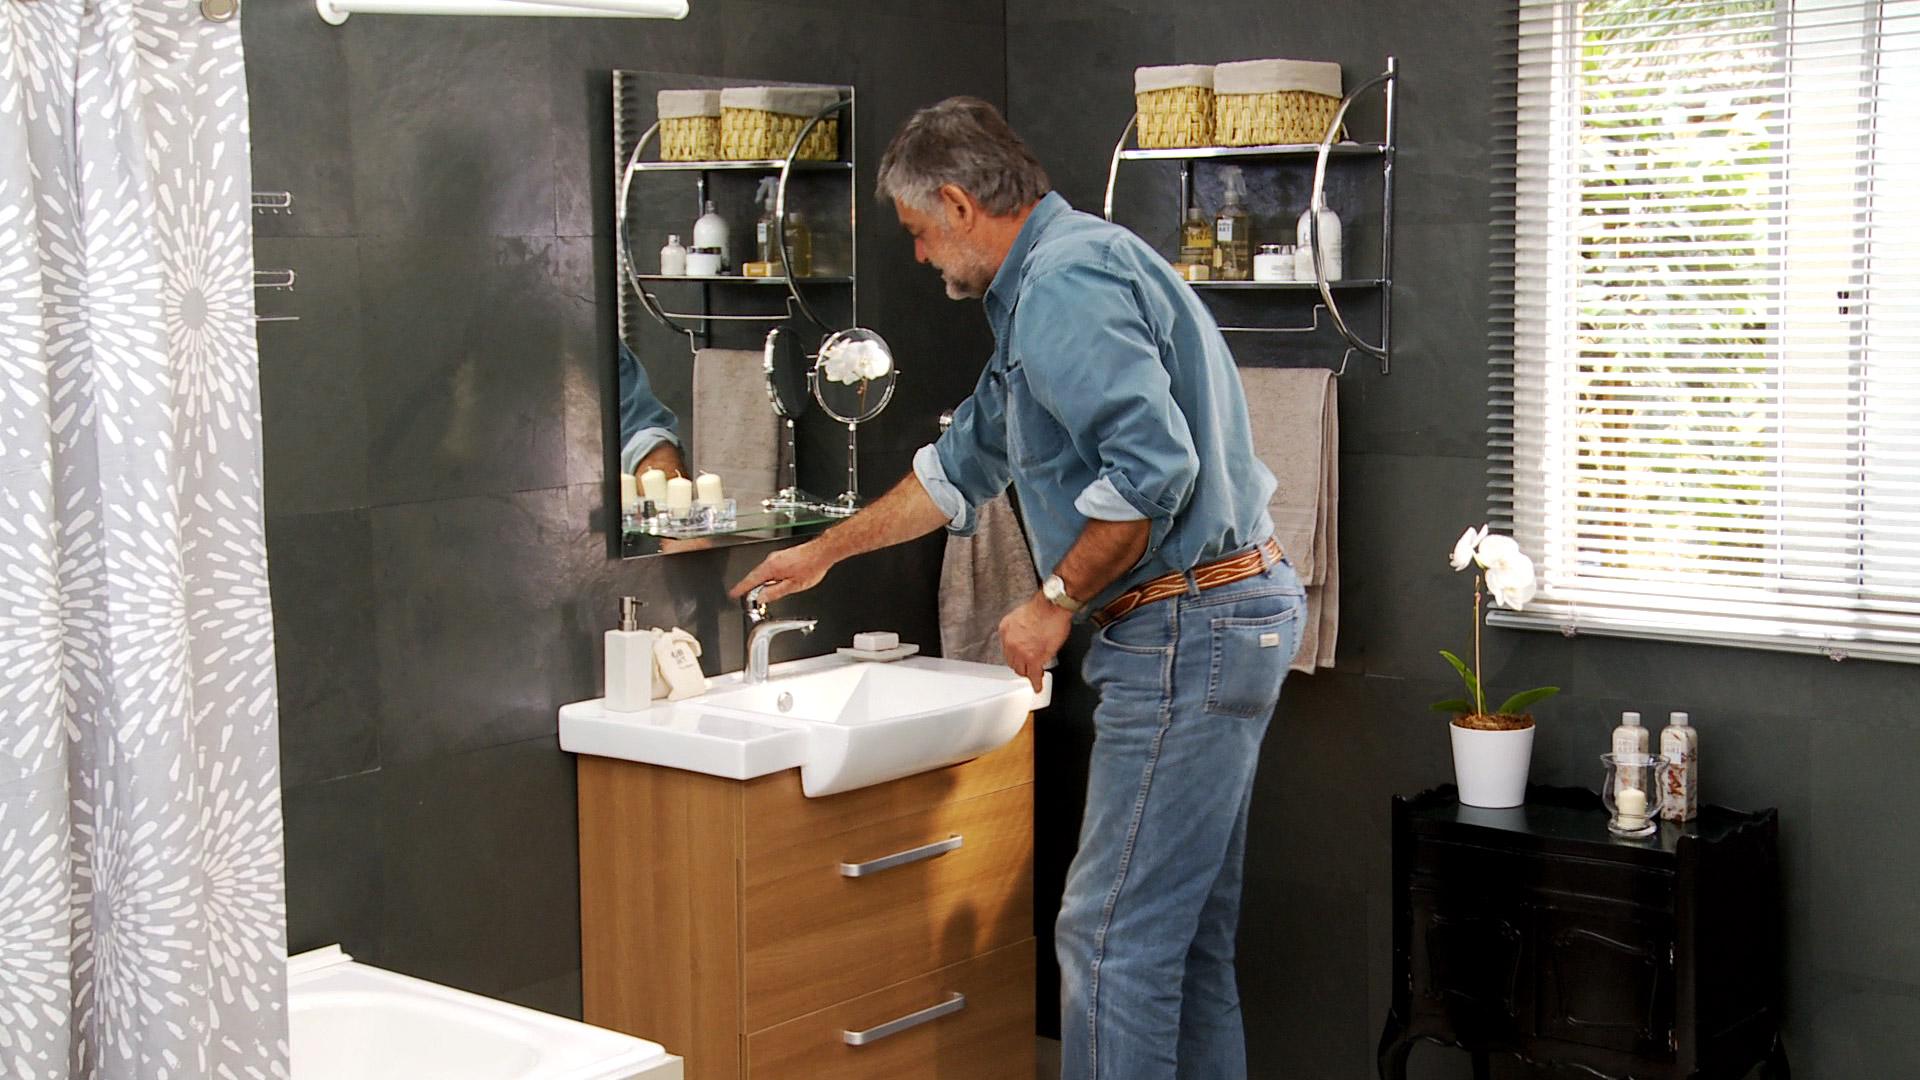 H galo usted mismo c mo instalar el wc y vanitorio for Llaves para lavamanos sodimac